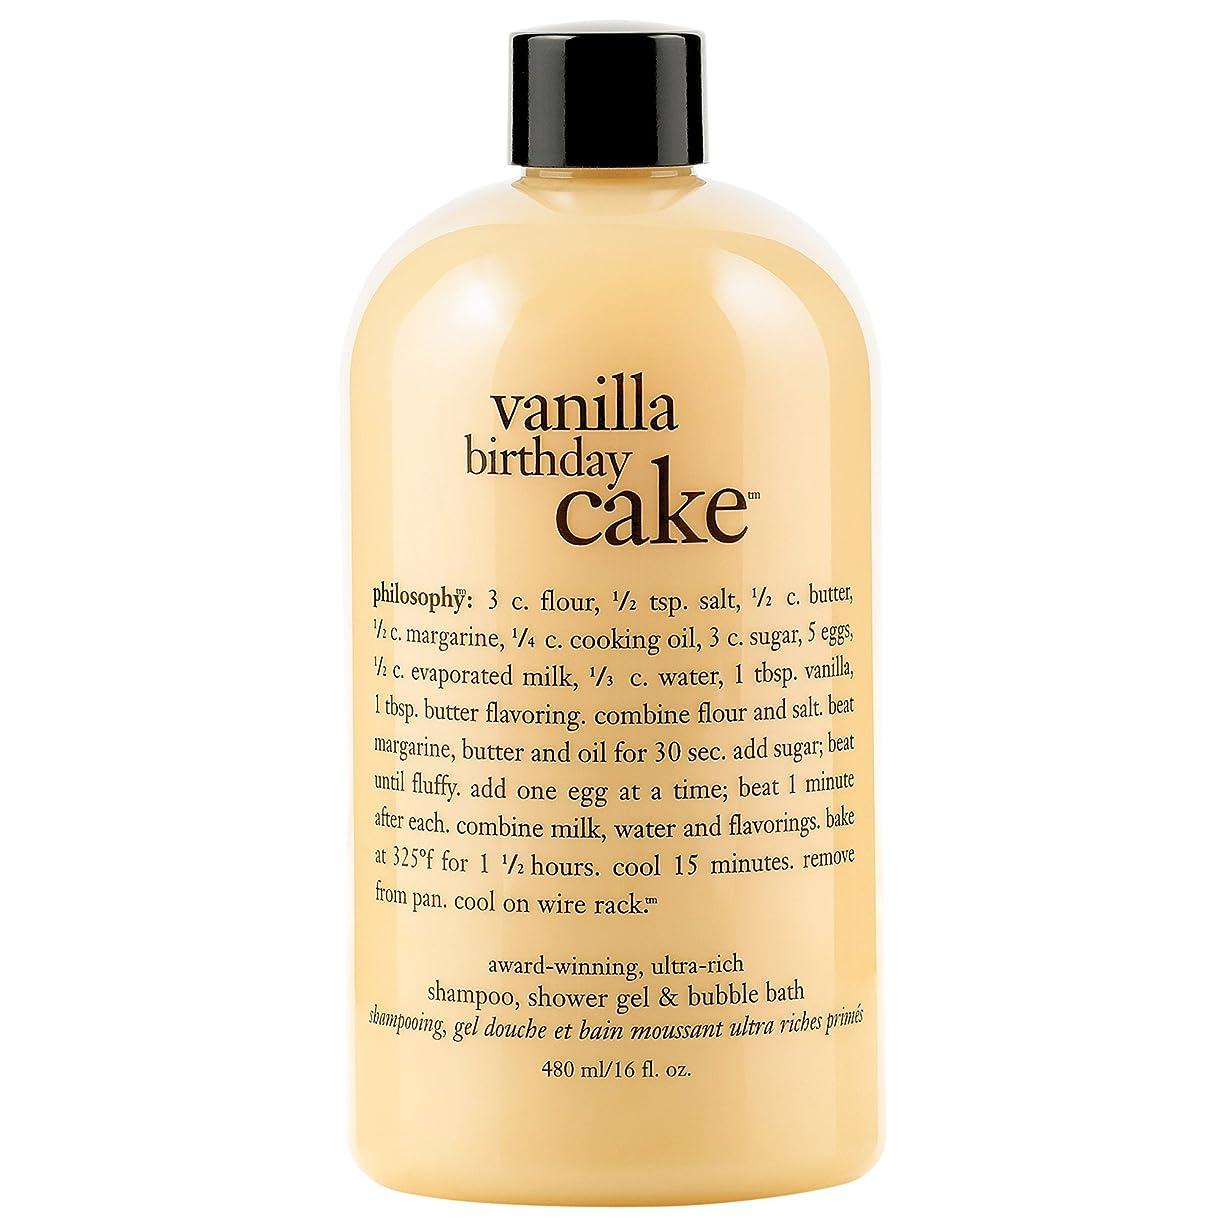 文化アプローチ枯渇哲学バニラバースデーケーキシャンプー/シャワージェル/バブルバス480ミリリットル (Philosophy) - Philosophy Vanilla Birthday Cake Shampoo/Shower Gel/Bubble Bath 480ml [並行輸入品]